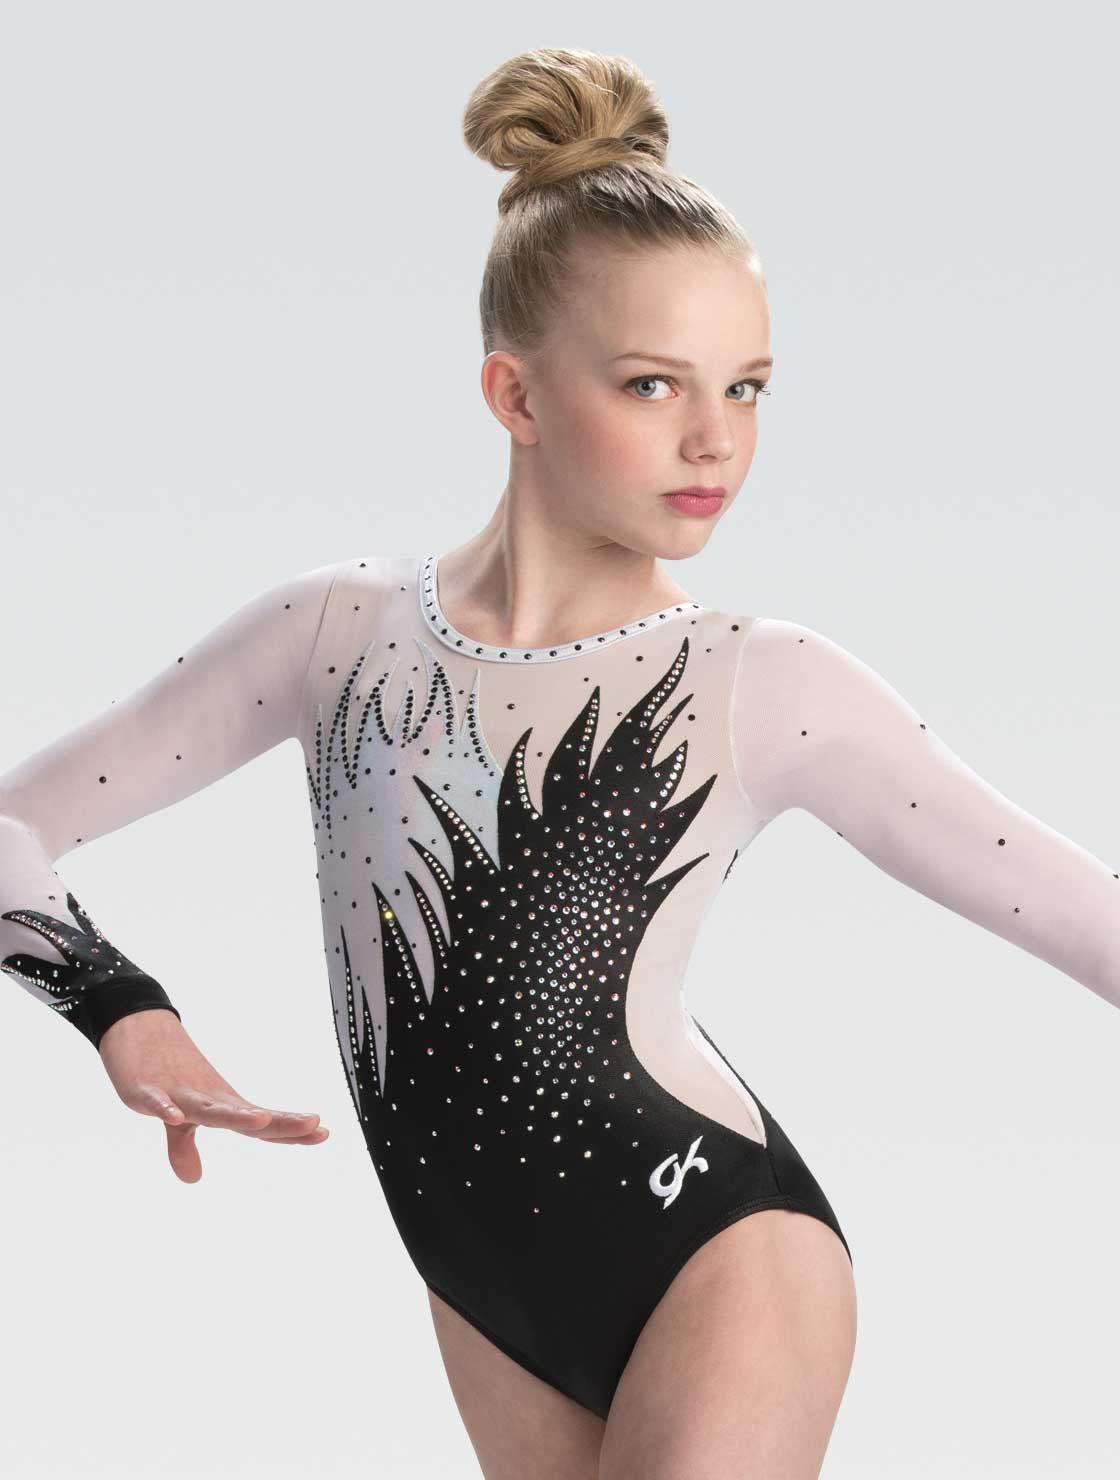 3876 Dark Elegance GK Elite Sportswear Workout Gymnastics